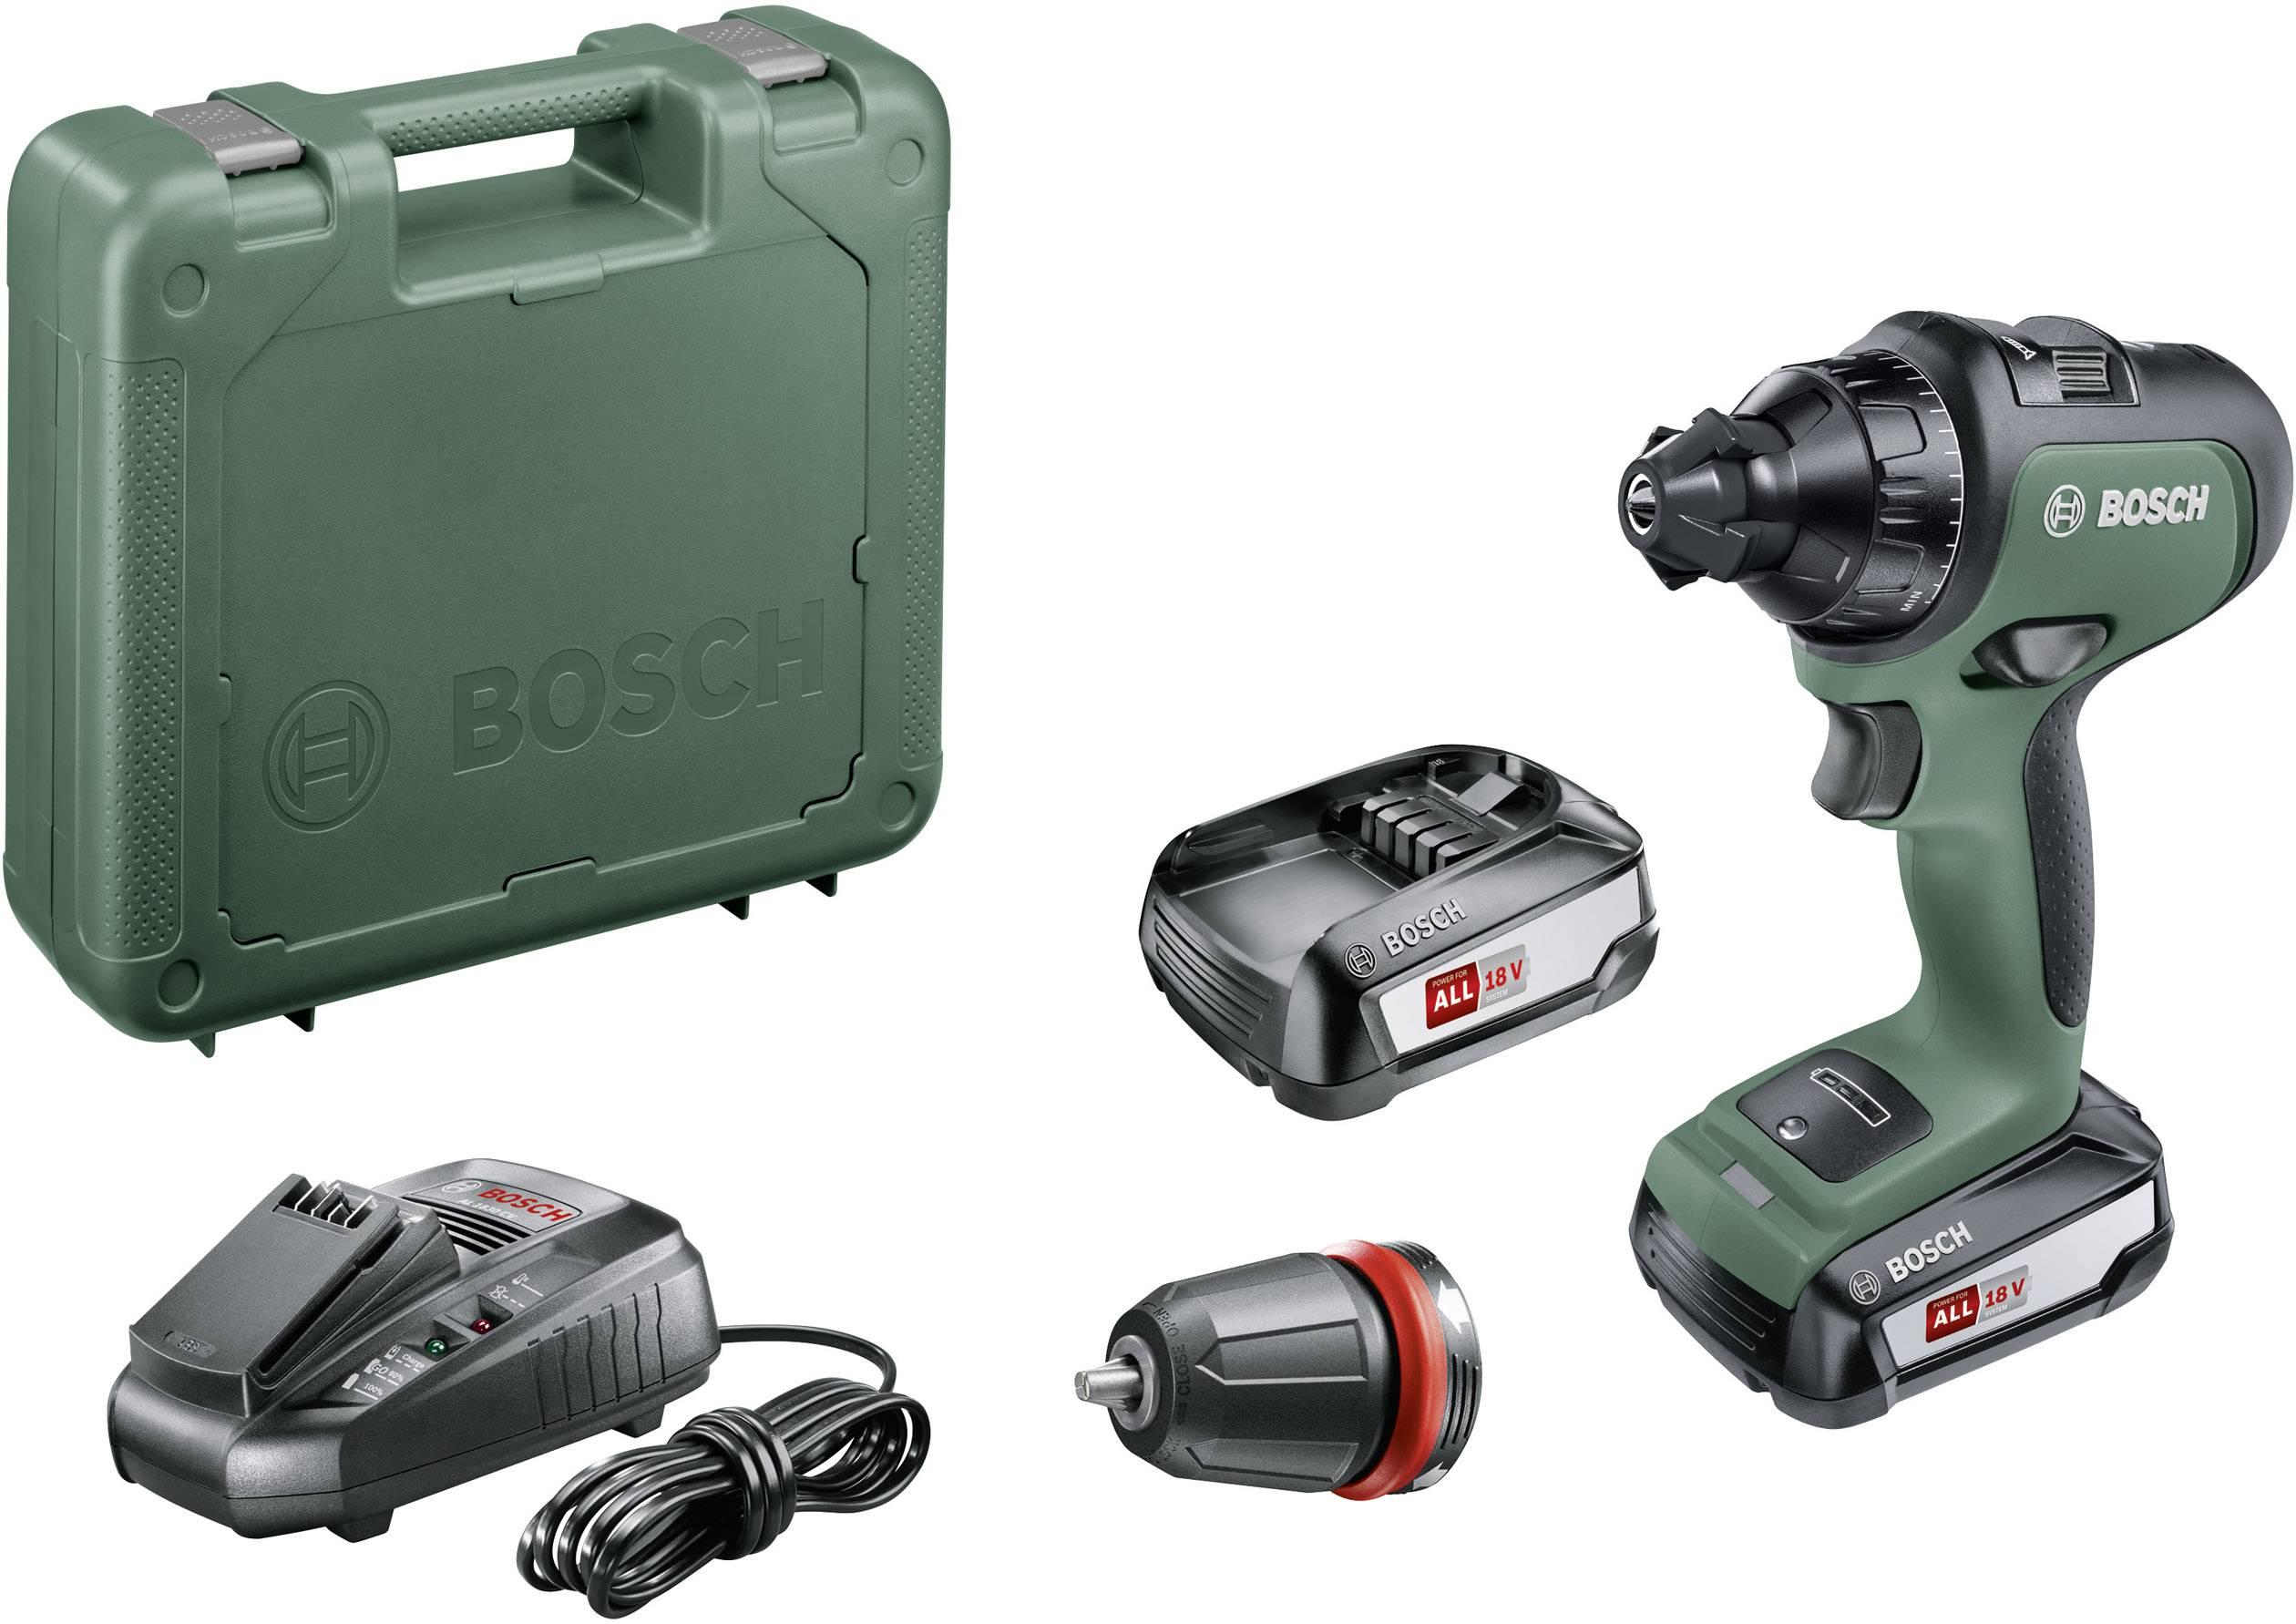 Bosch Home and Garden AdvancedDrill 18 Akku Bohrschrauber B Ware (beschädigte fehlende Verpackung) 18 V 2.5 Ah Li Ion